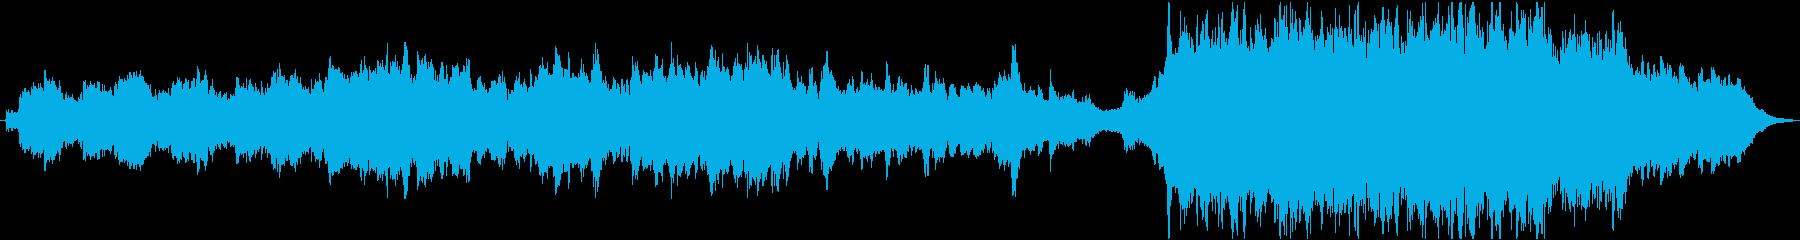 ティーン ポップ テクノ ワールド...の再生済みの波形